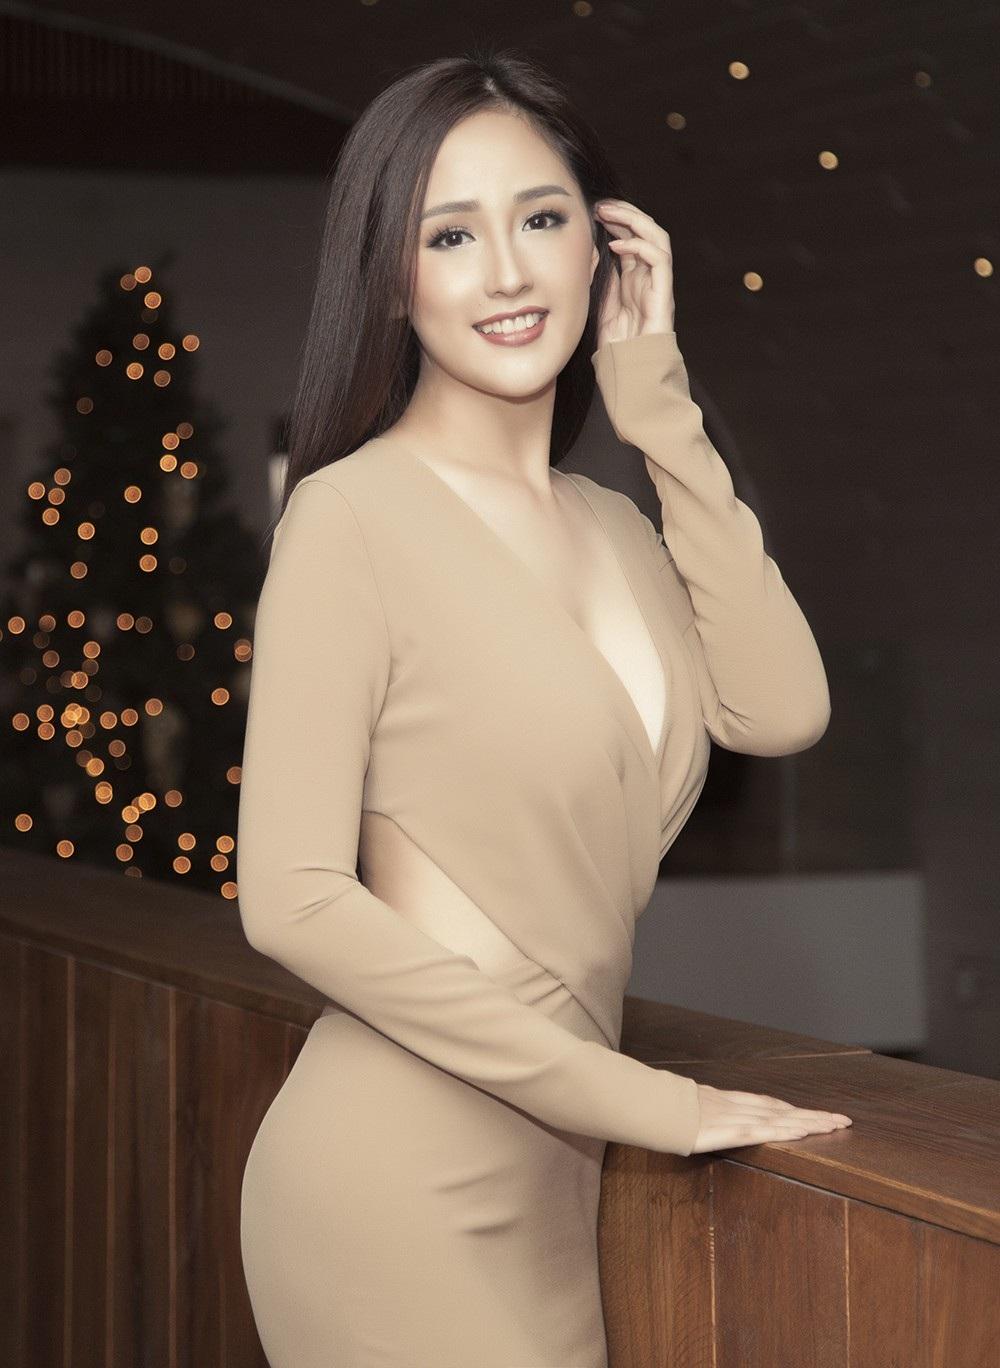 Hoa hậu Mai Phương Thúy thu hút với trang phục cực kỳ táo bạo - Ảnh 4.